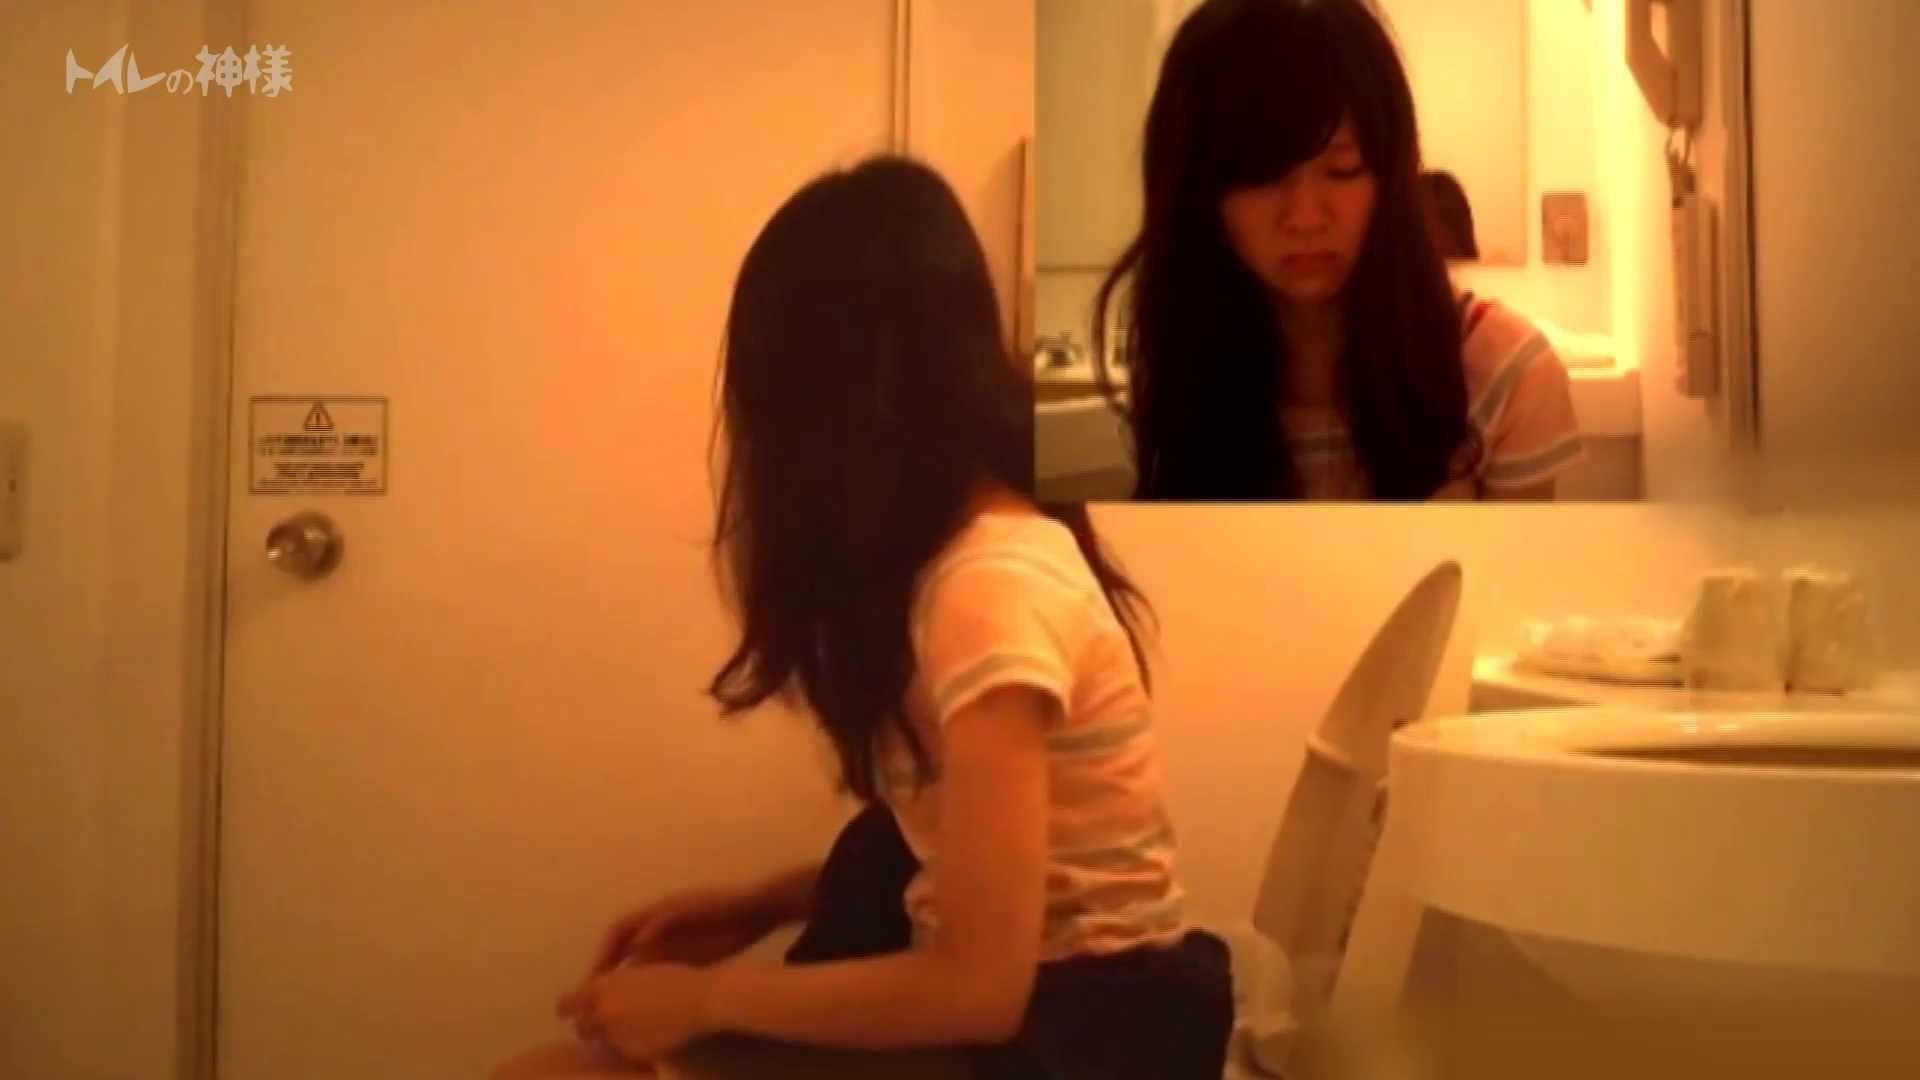 Vol.04 女子大生のトイレ恥態 洗面所のぞき すけべAV動画紹介 92枚 58